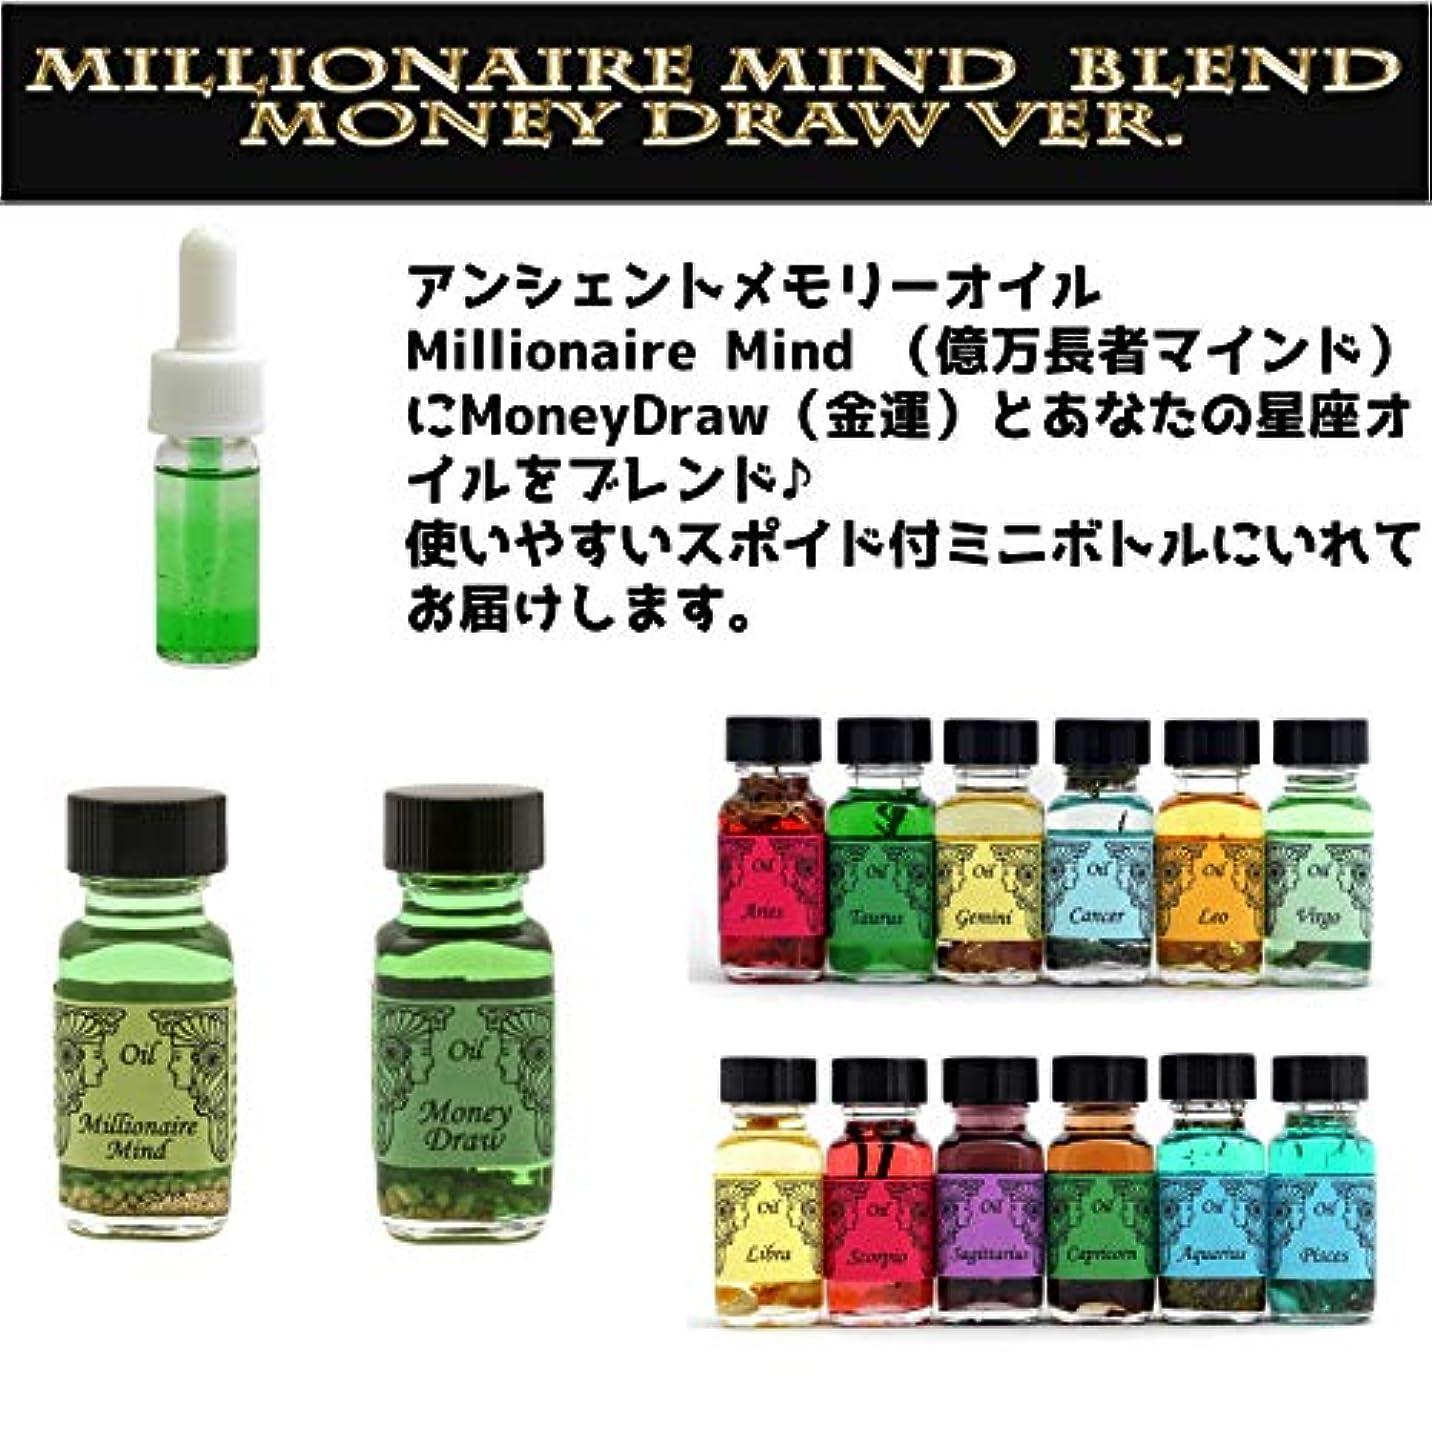 タイトハブブ自伝アンシェントメモリーオイル Millionaire Mind 億万長者マインド ブレンド(Money Drawマネードロー(金運)&みずがめ座